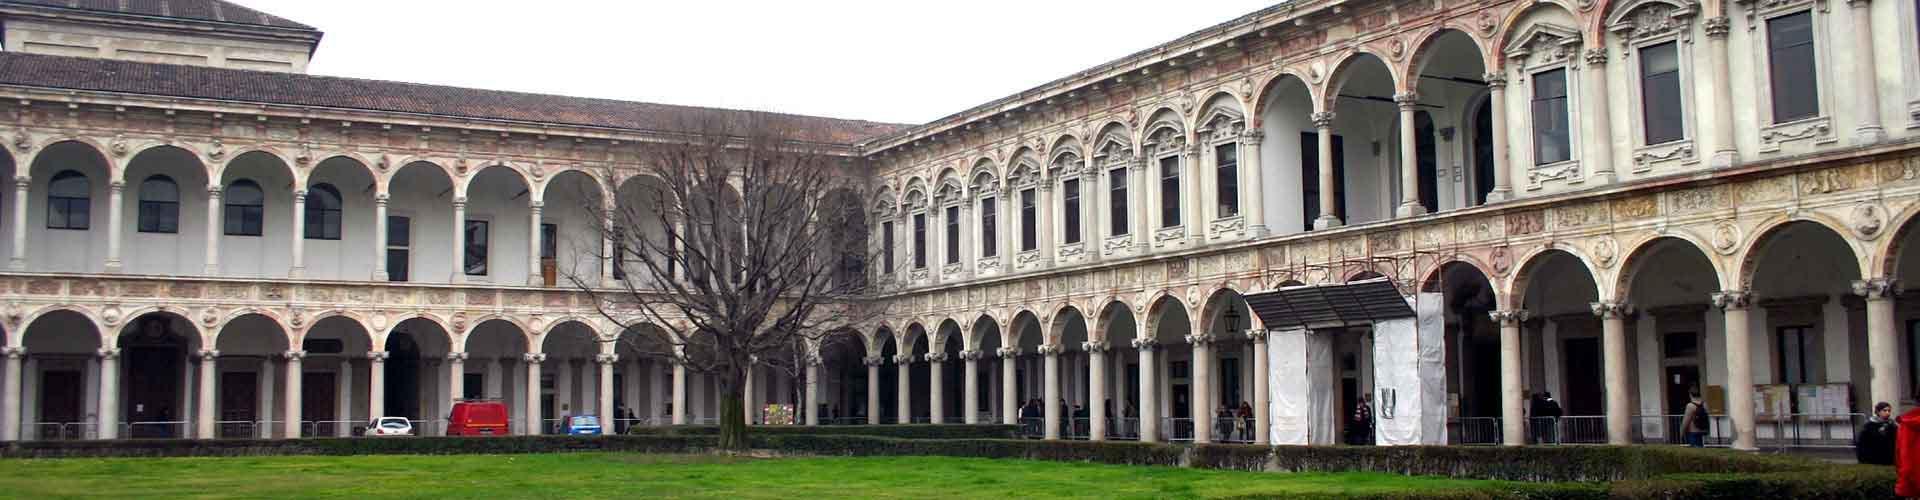 밀라노 - Ospedale Maggiore지역에 위치한 캠핑장. 밀라노의 지도, 밀라노에 위치한 캠핑장에 대한 사진 및 리뷰.